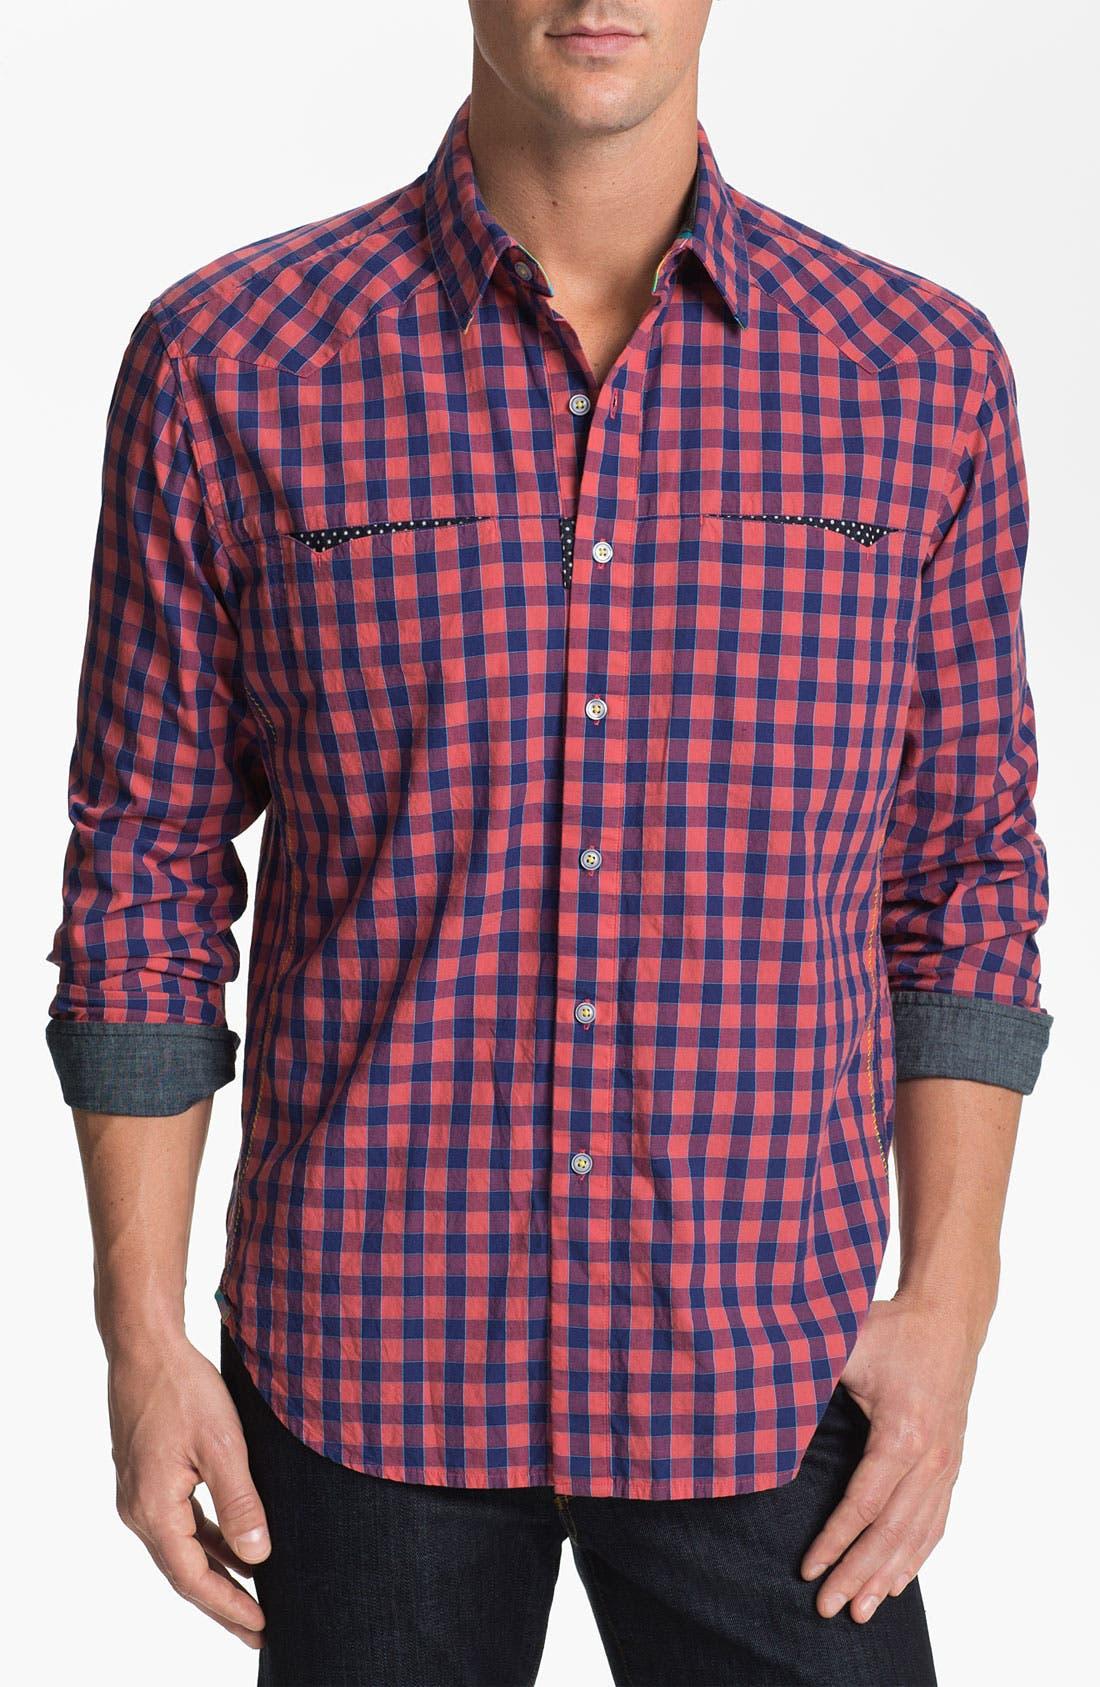 Alternate Image 1 Selected - Robert Graham 'Ellsworth' Sport Shirt